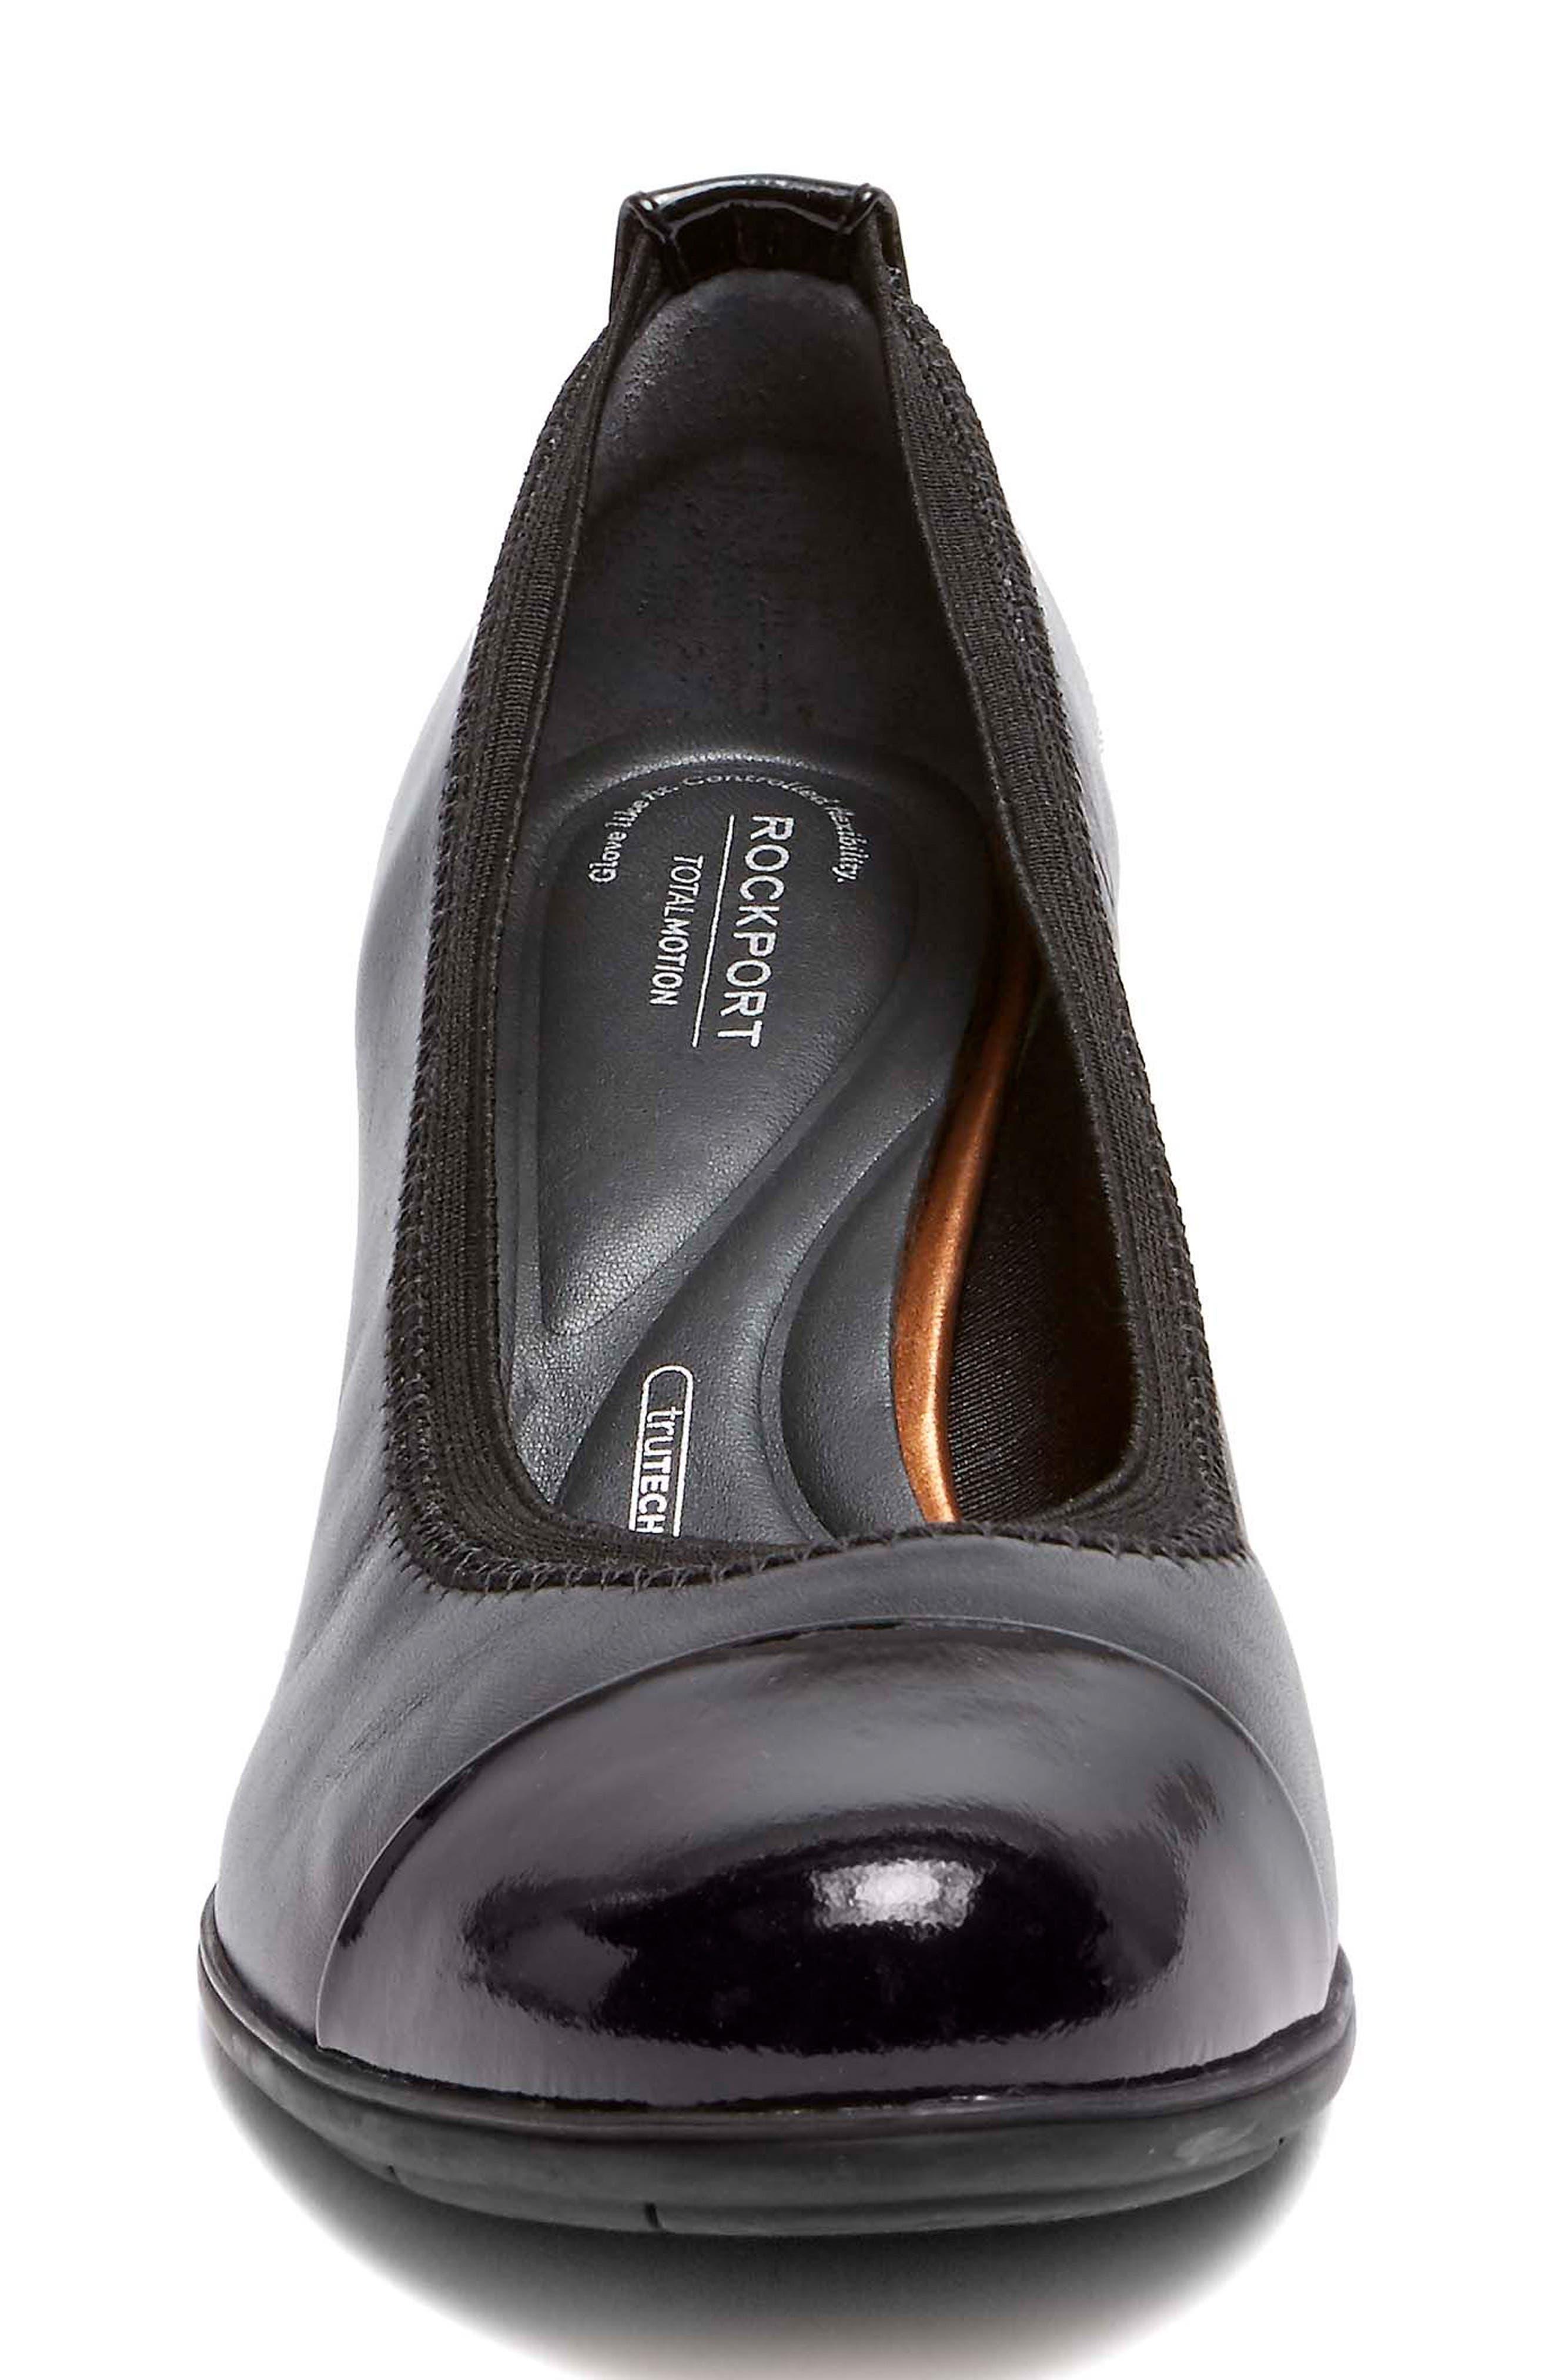 Esty Luxe Cap Toe Pump,                             Alternate thumbnail 4, color,                             BLACK LEATHER